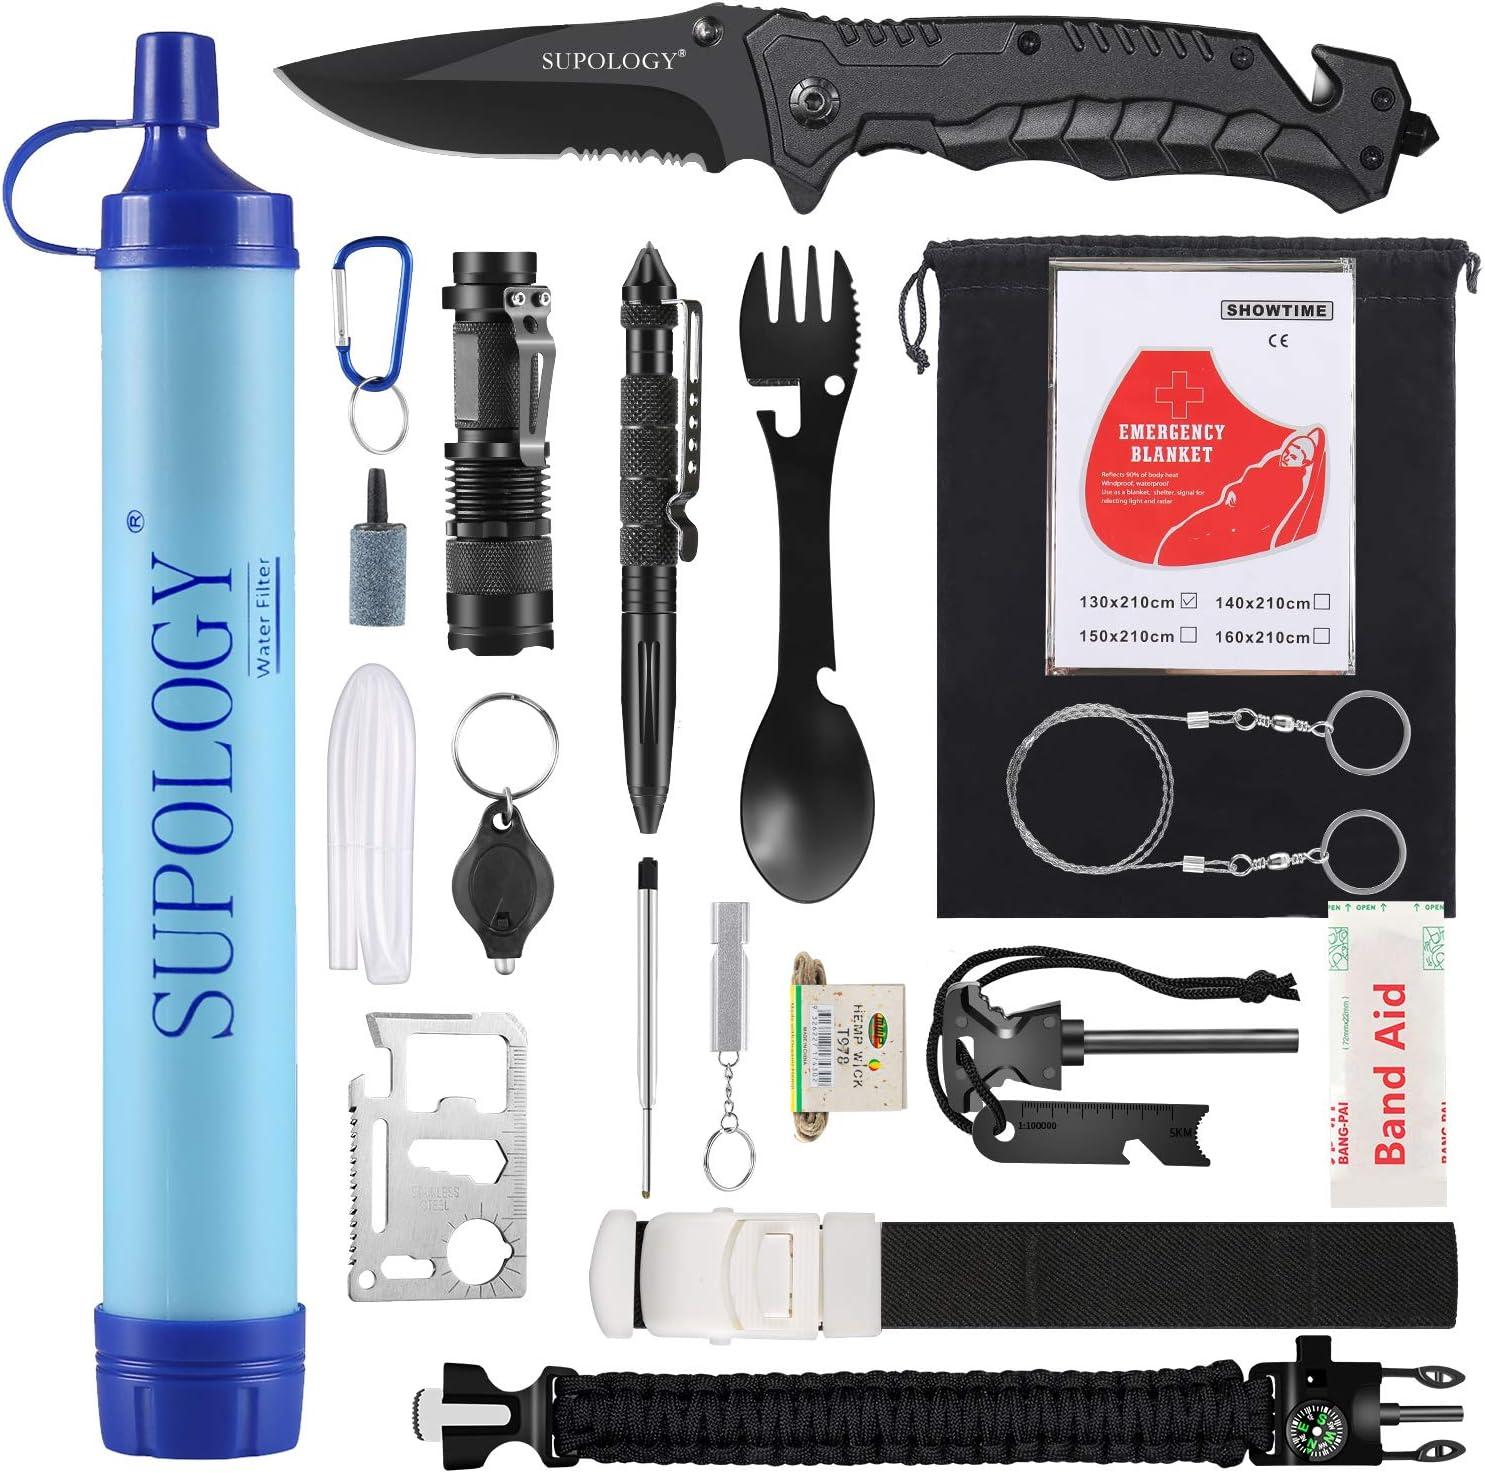 SUPOLOGY Emergency Kit